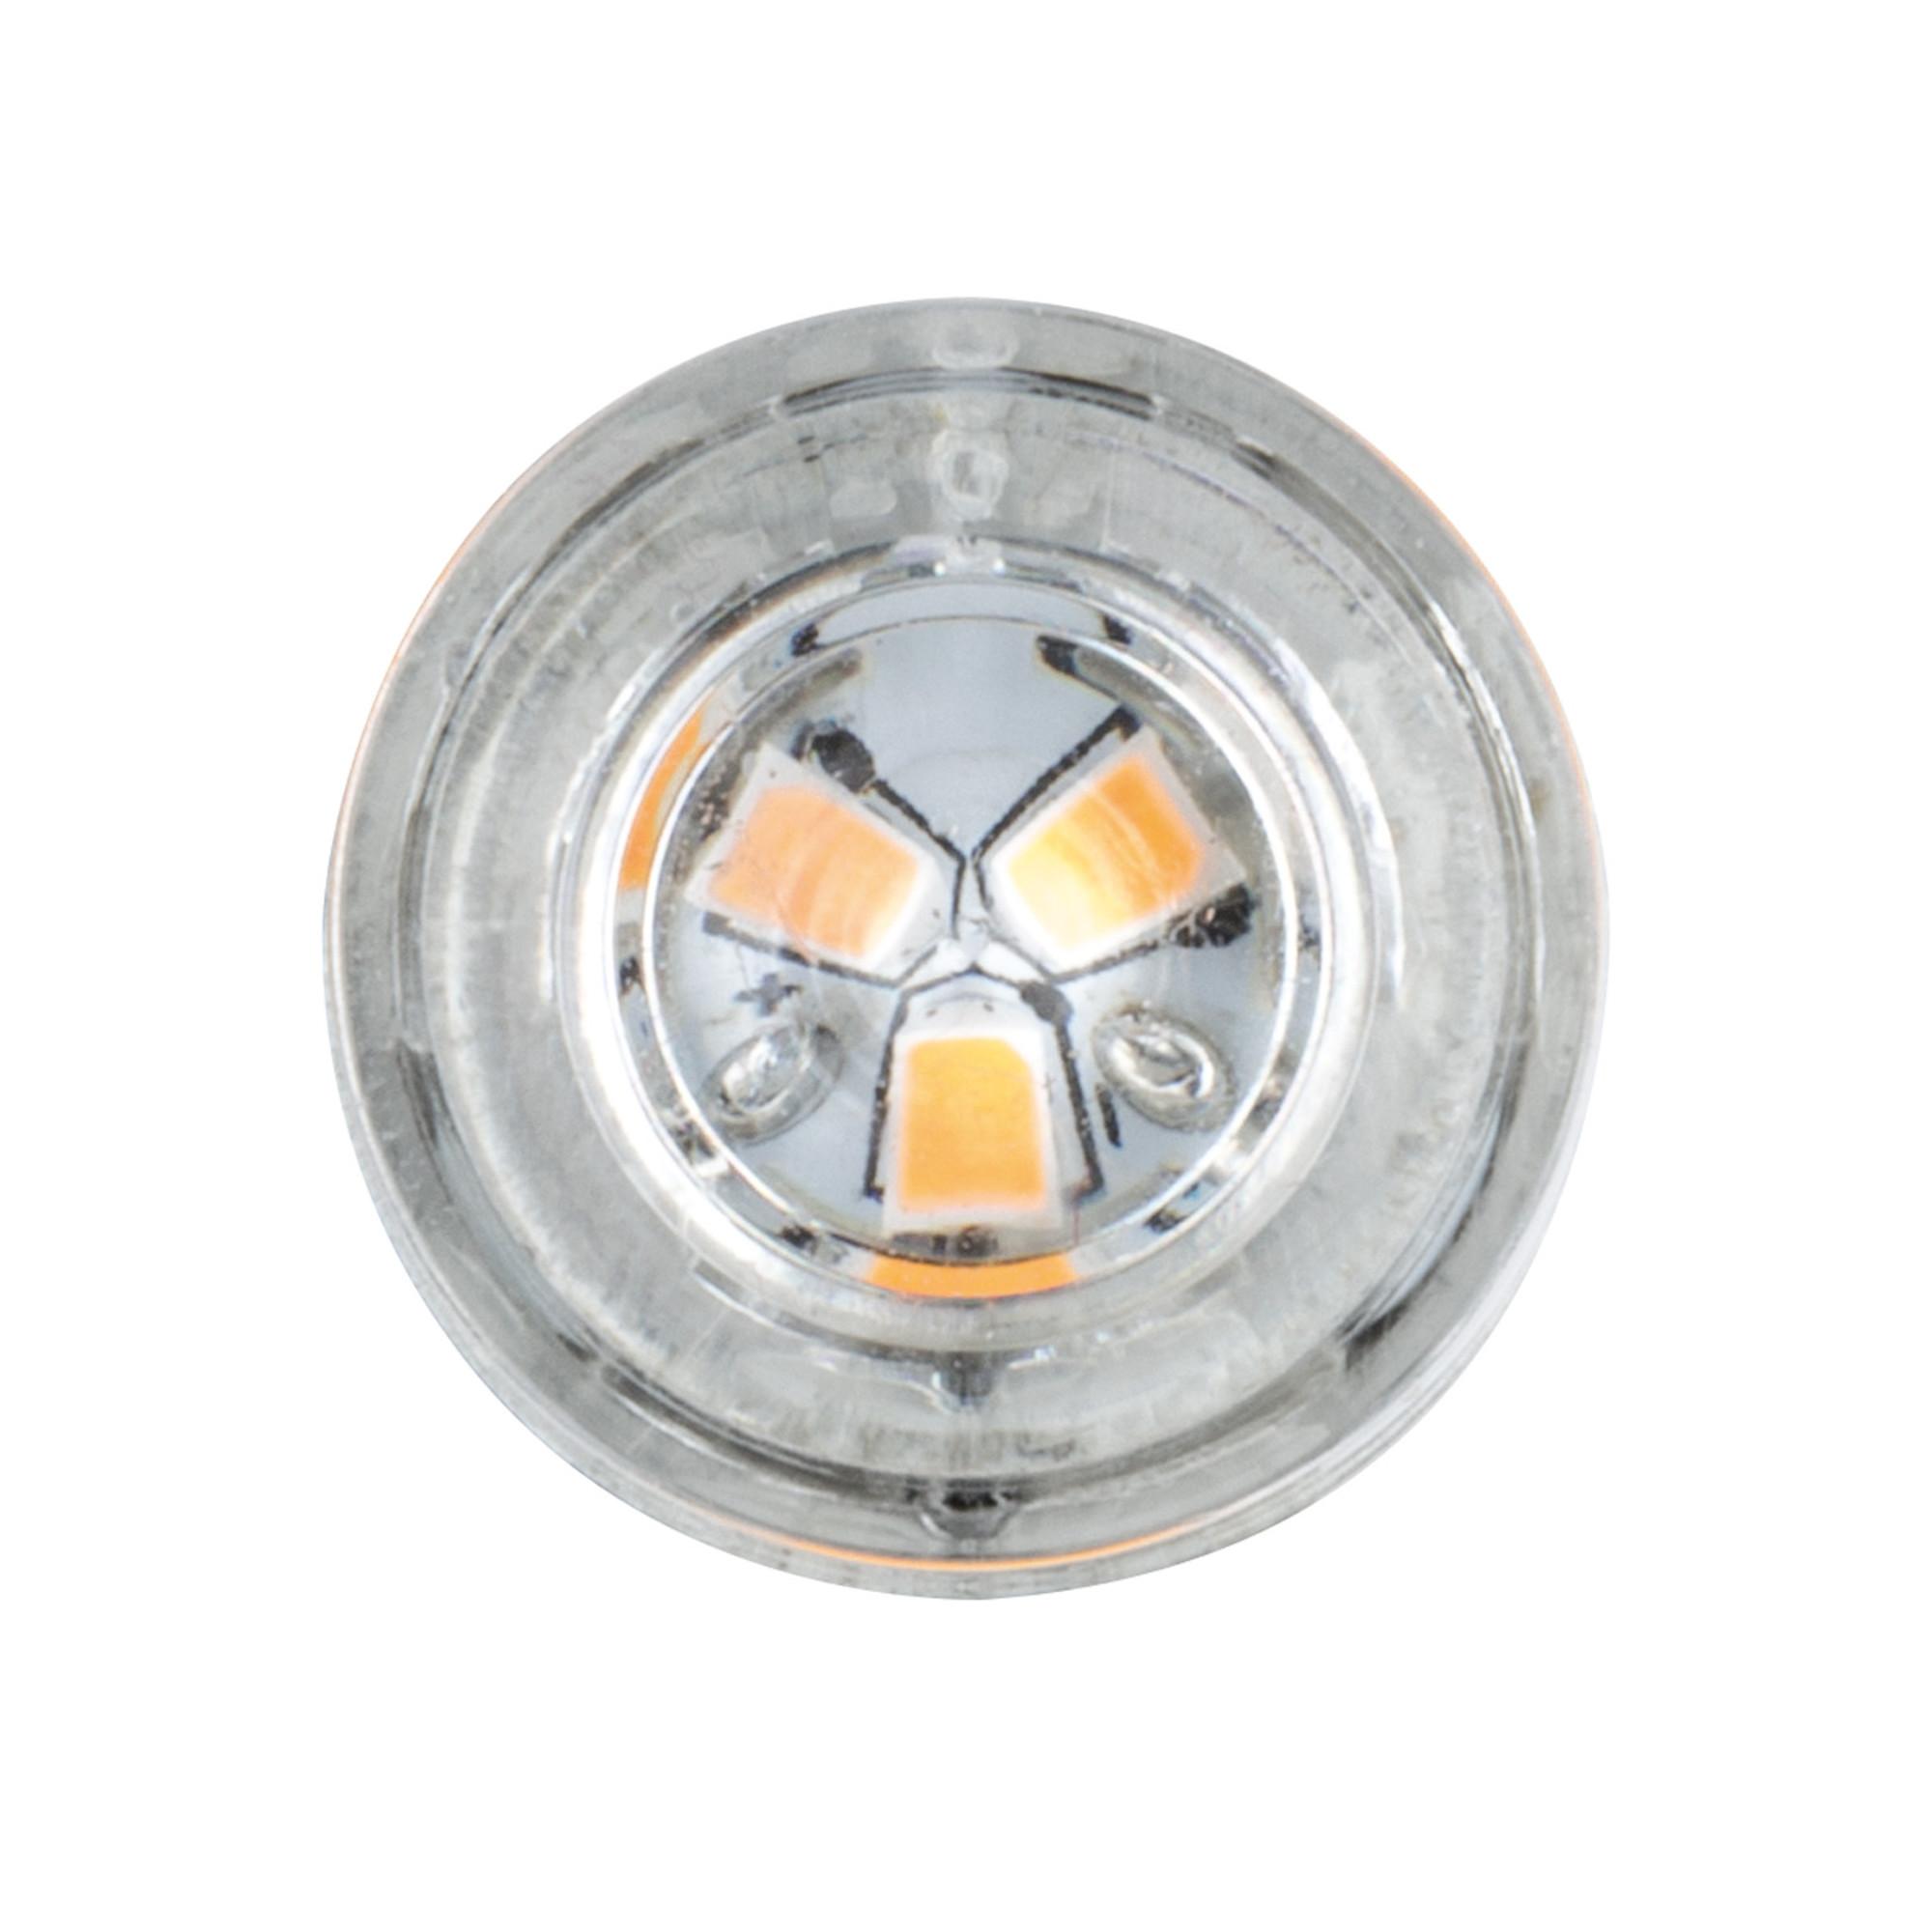 Лампа Paulmann 28336 G4 140 Лм теплый свет